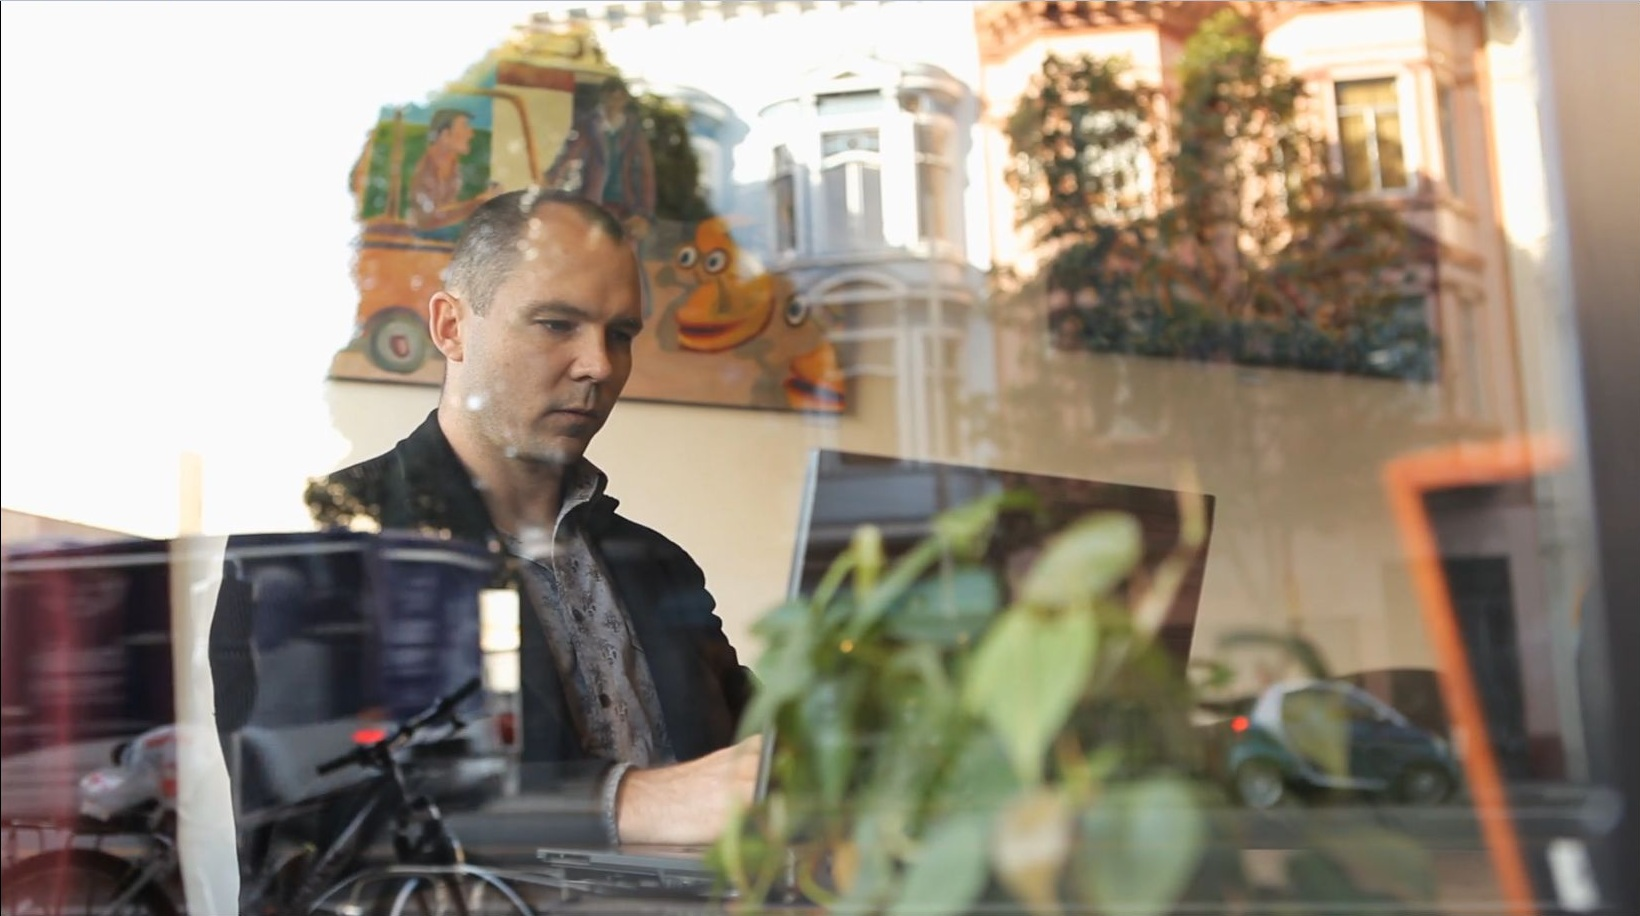 Разработчик игры Braid Джонатан Блоу, который выпустил её в одиночку